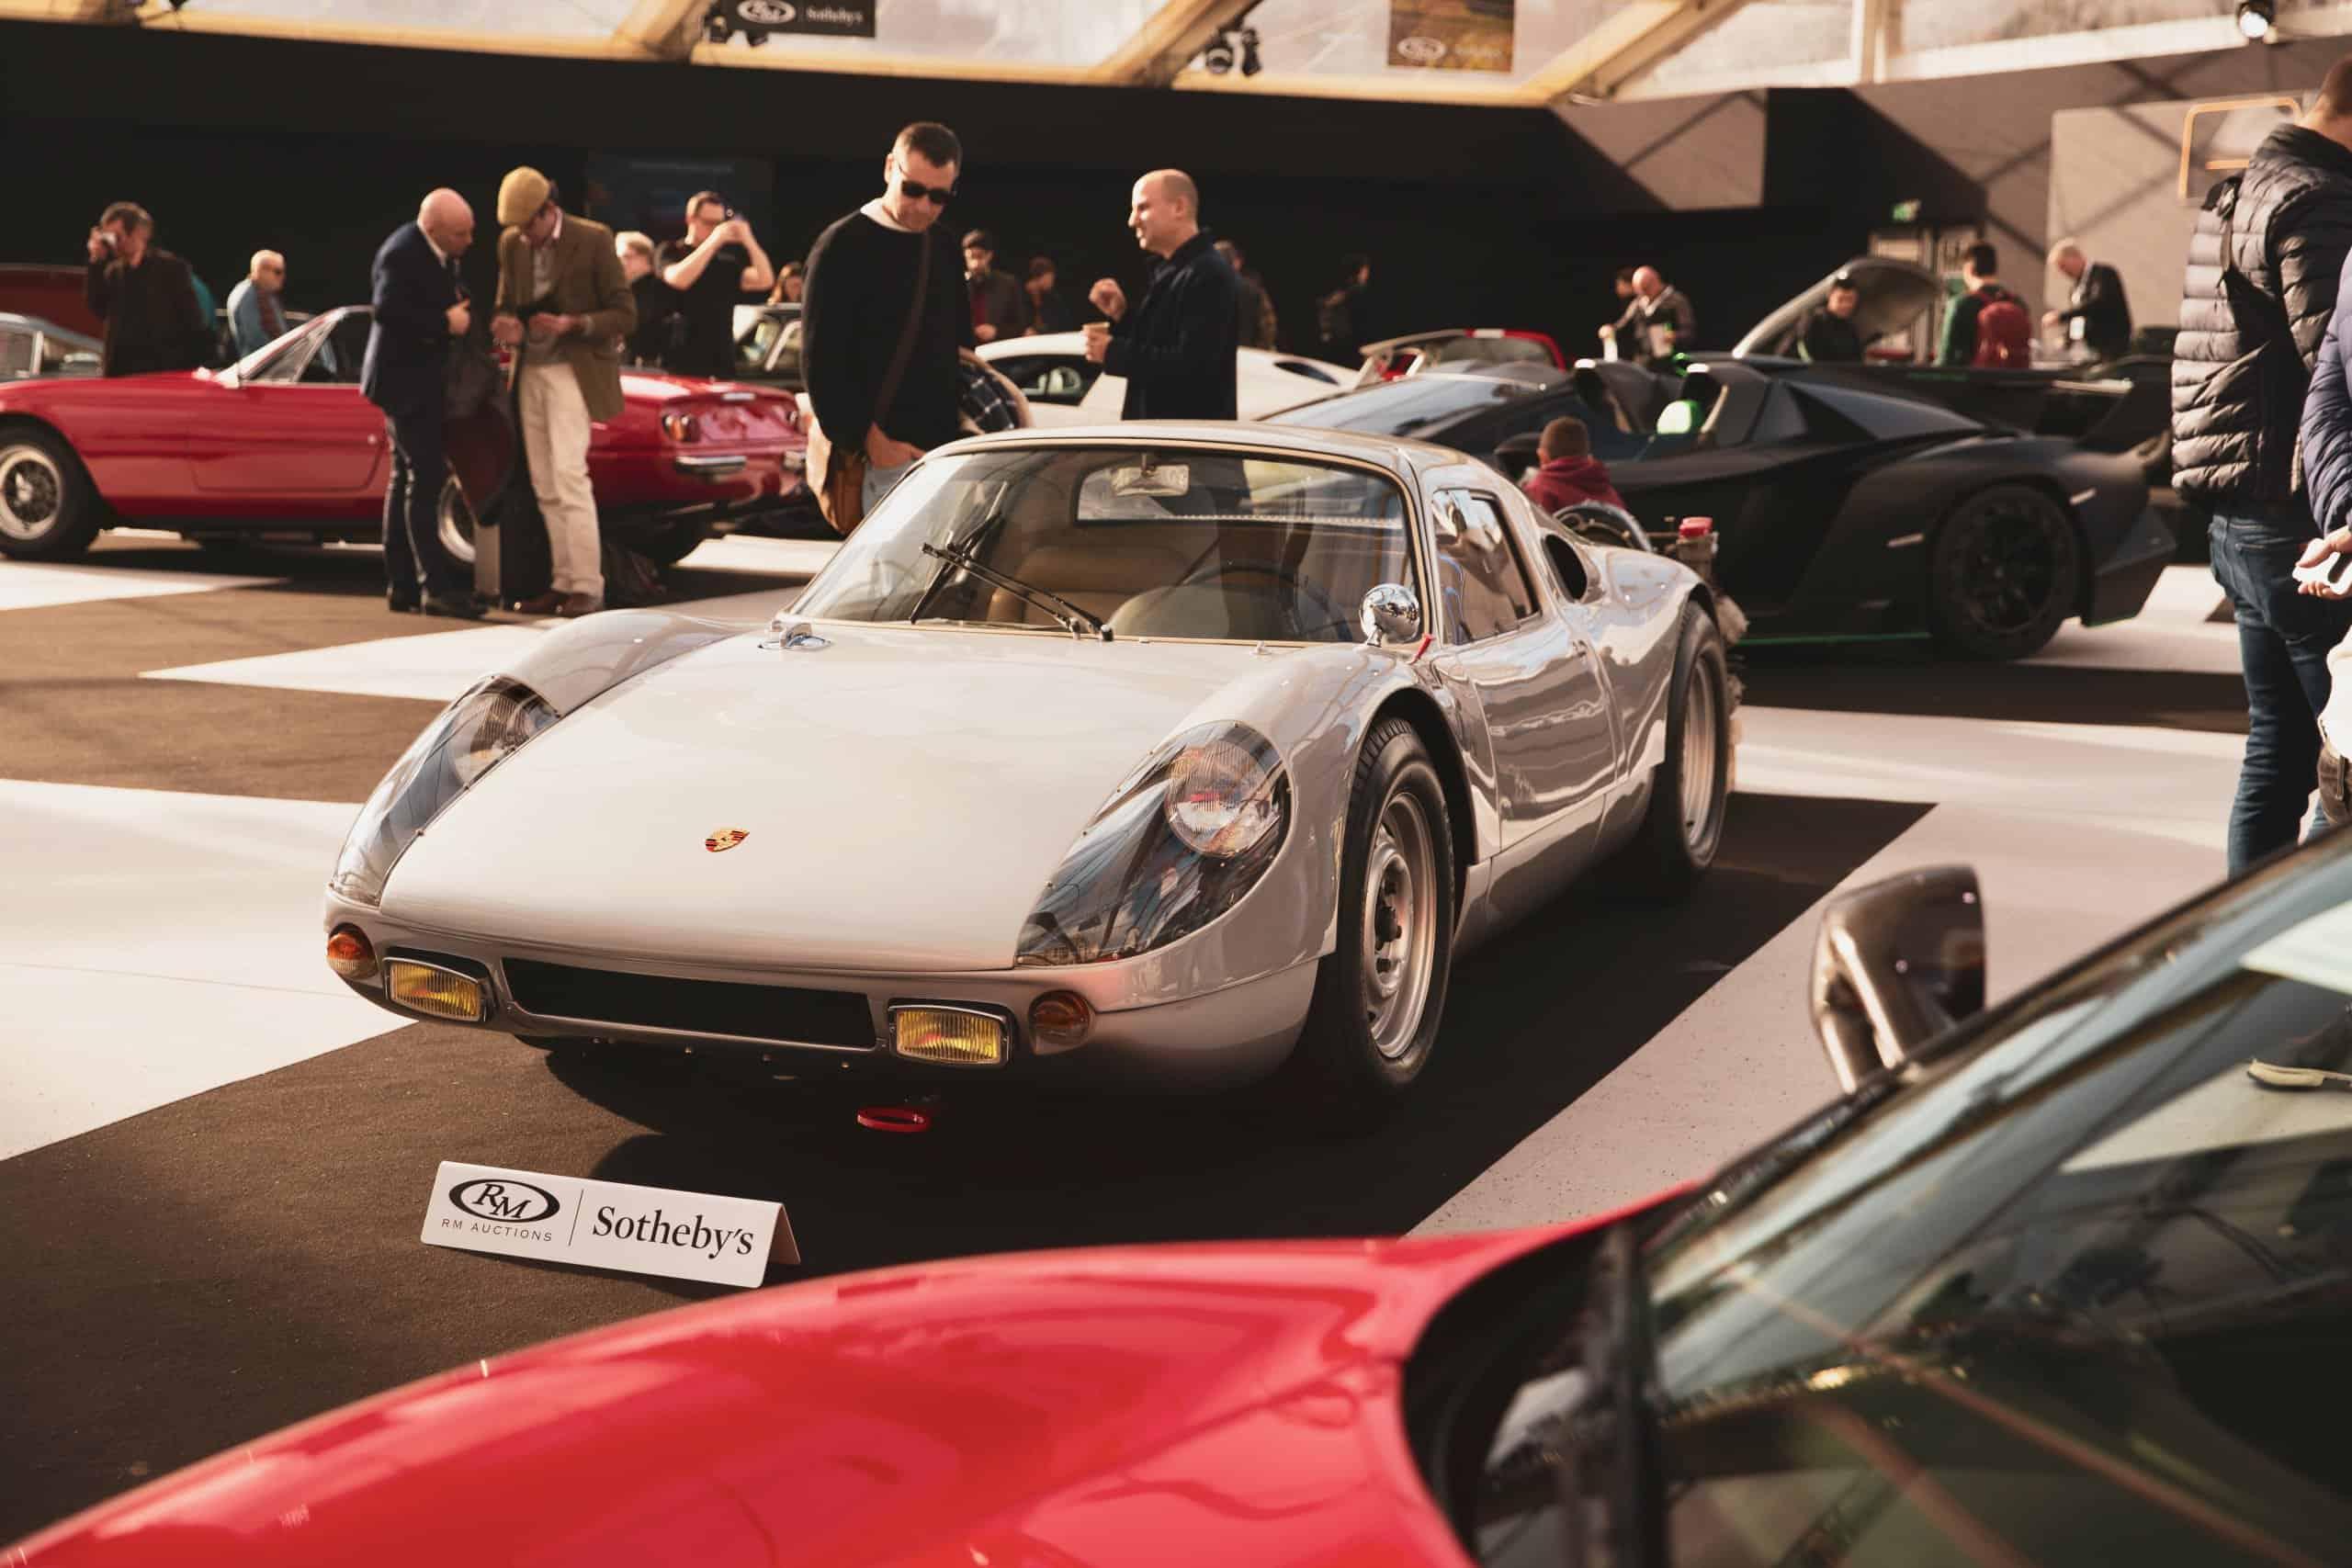 Retromobile auction, Mid-century sports cars dominate RM Sotheby's Paris auction, ClassicCars.com Journal